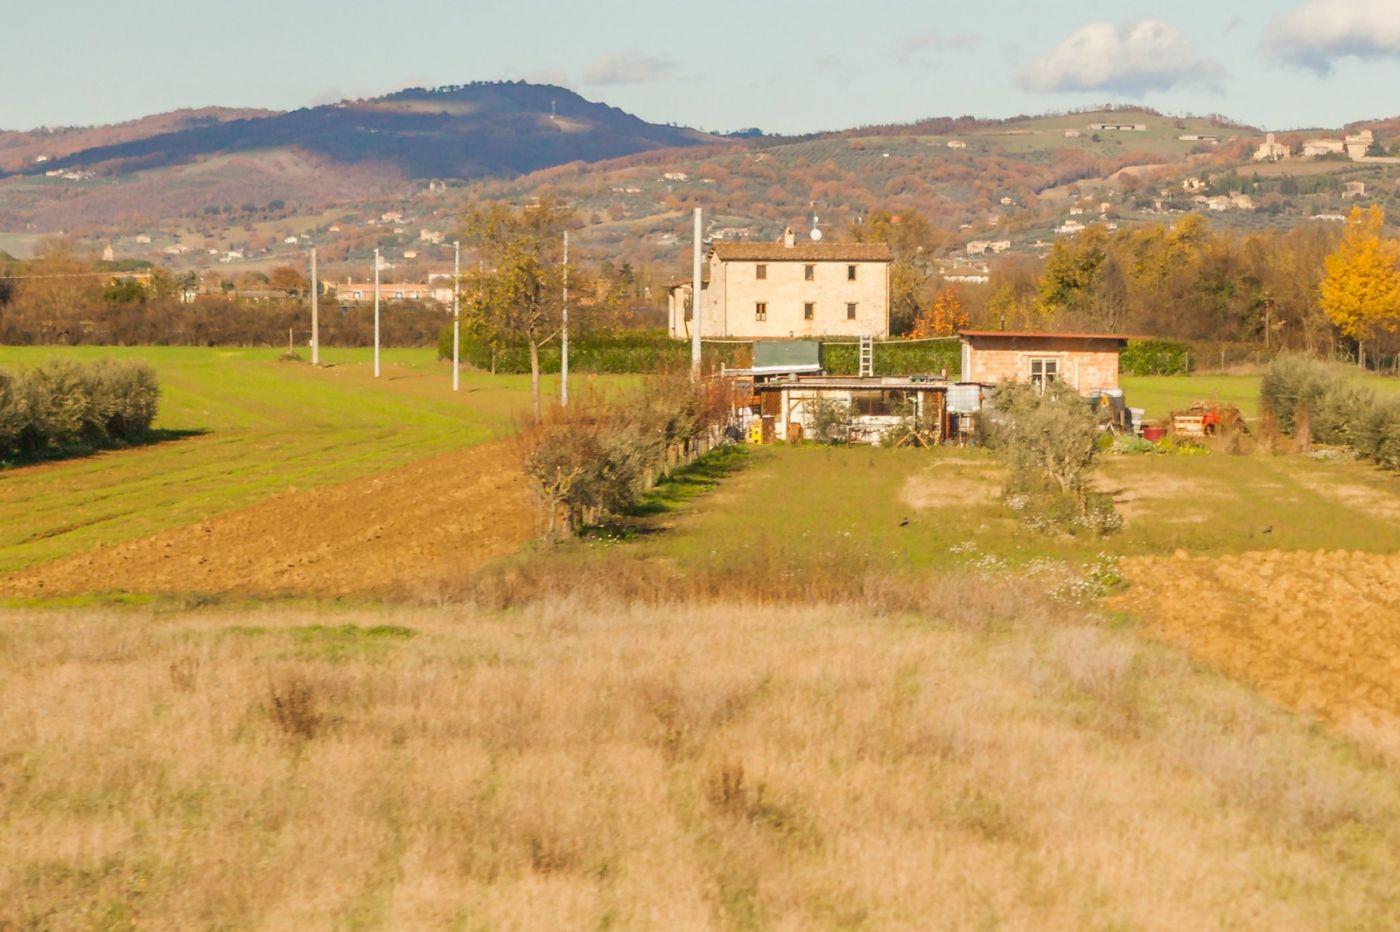 意大利路途,秋后的农村_图1-6